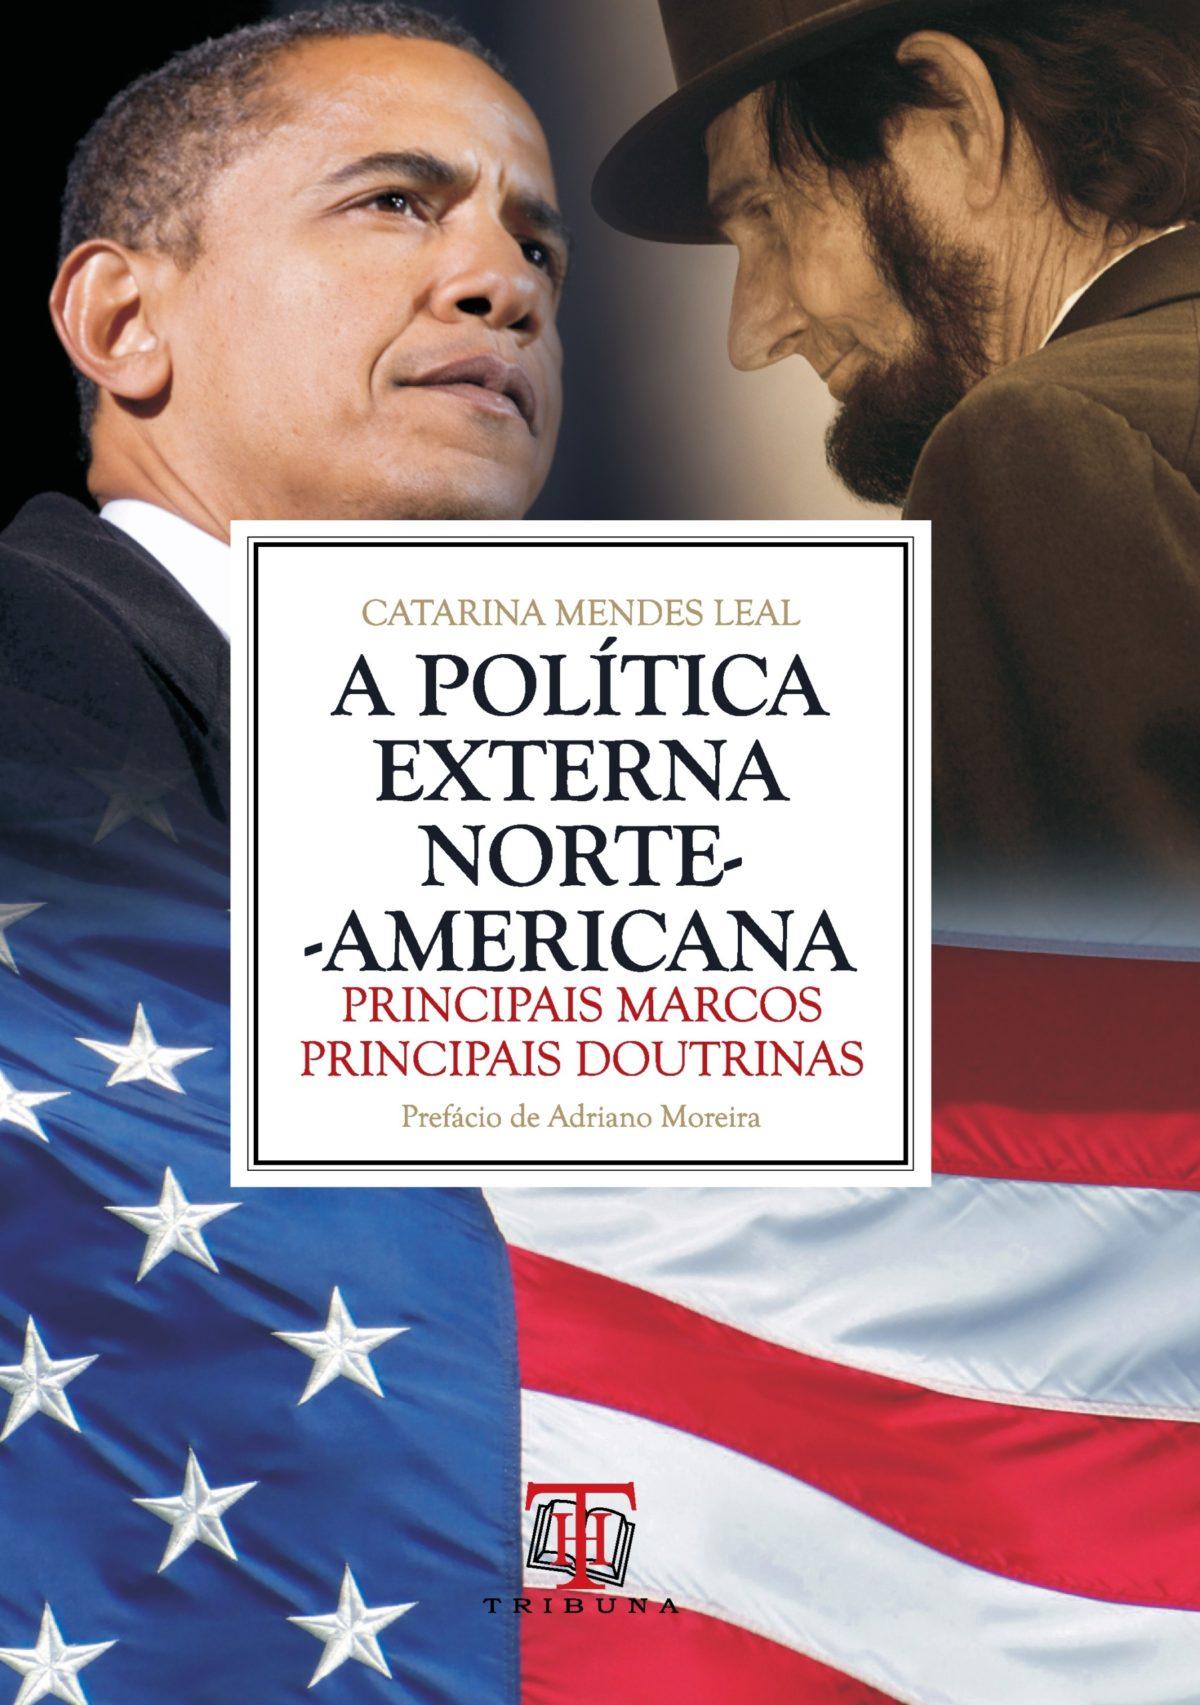 A Politica Externa Norte -Americana - OUTLET